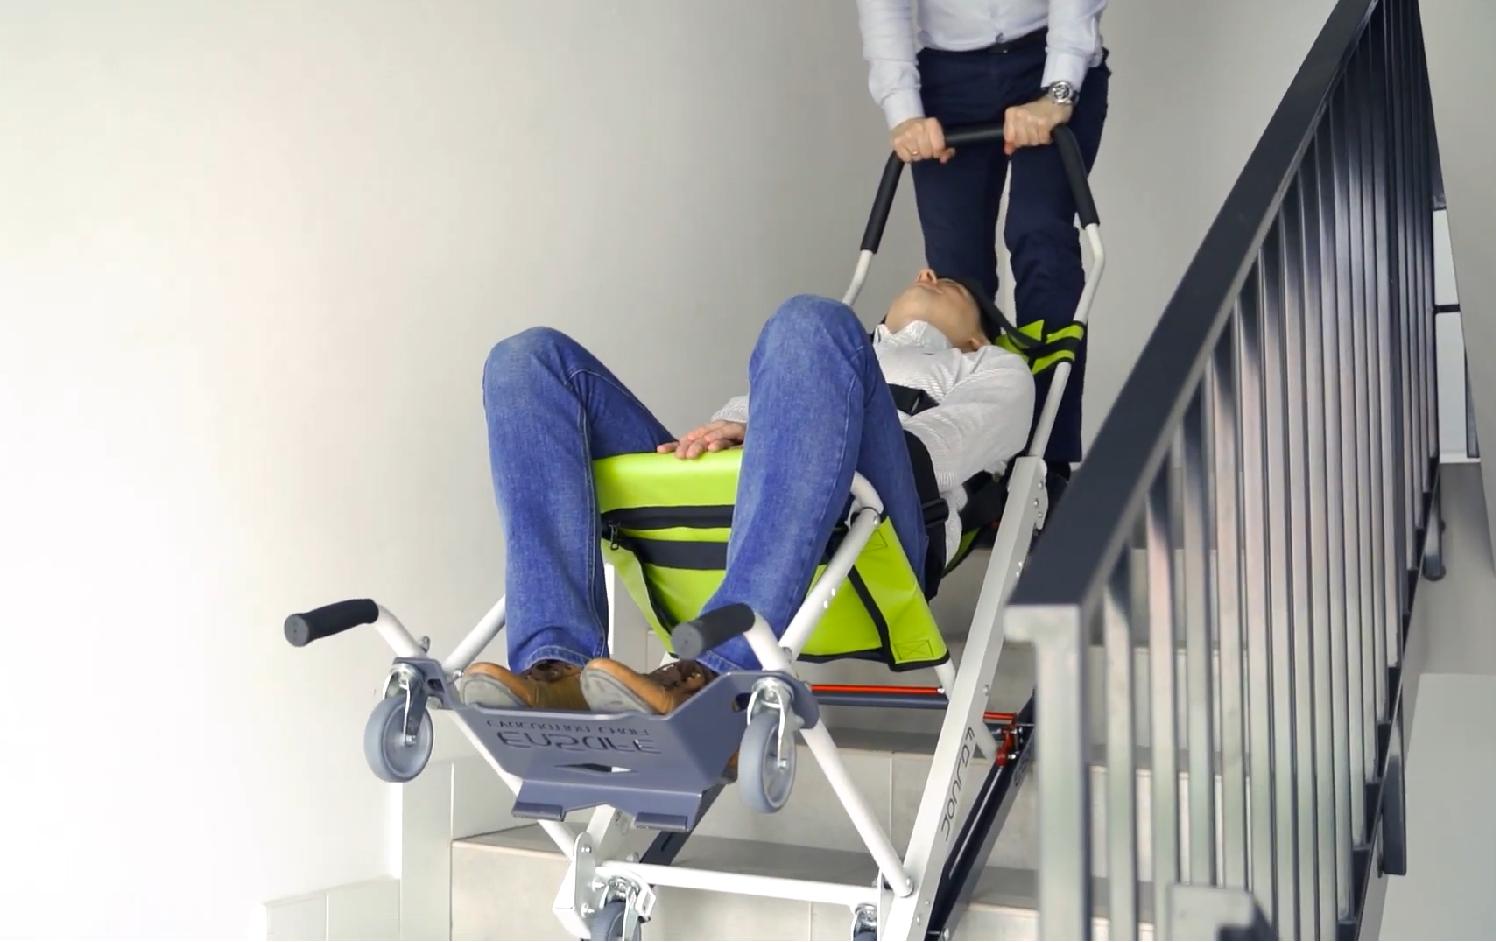 krzesła ewakuacyjne